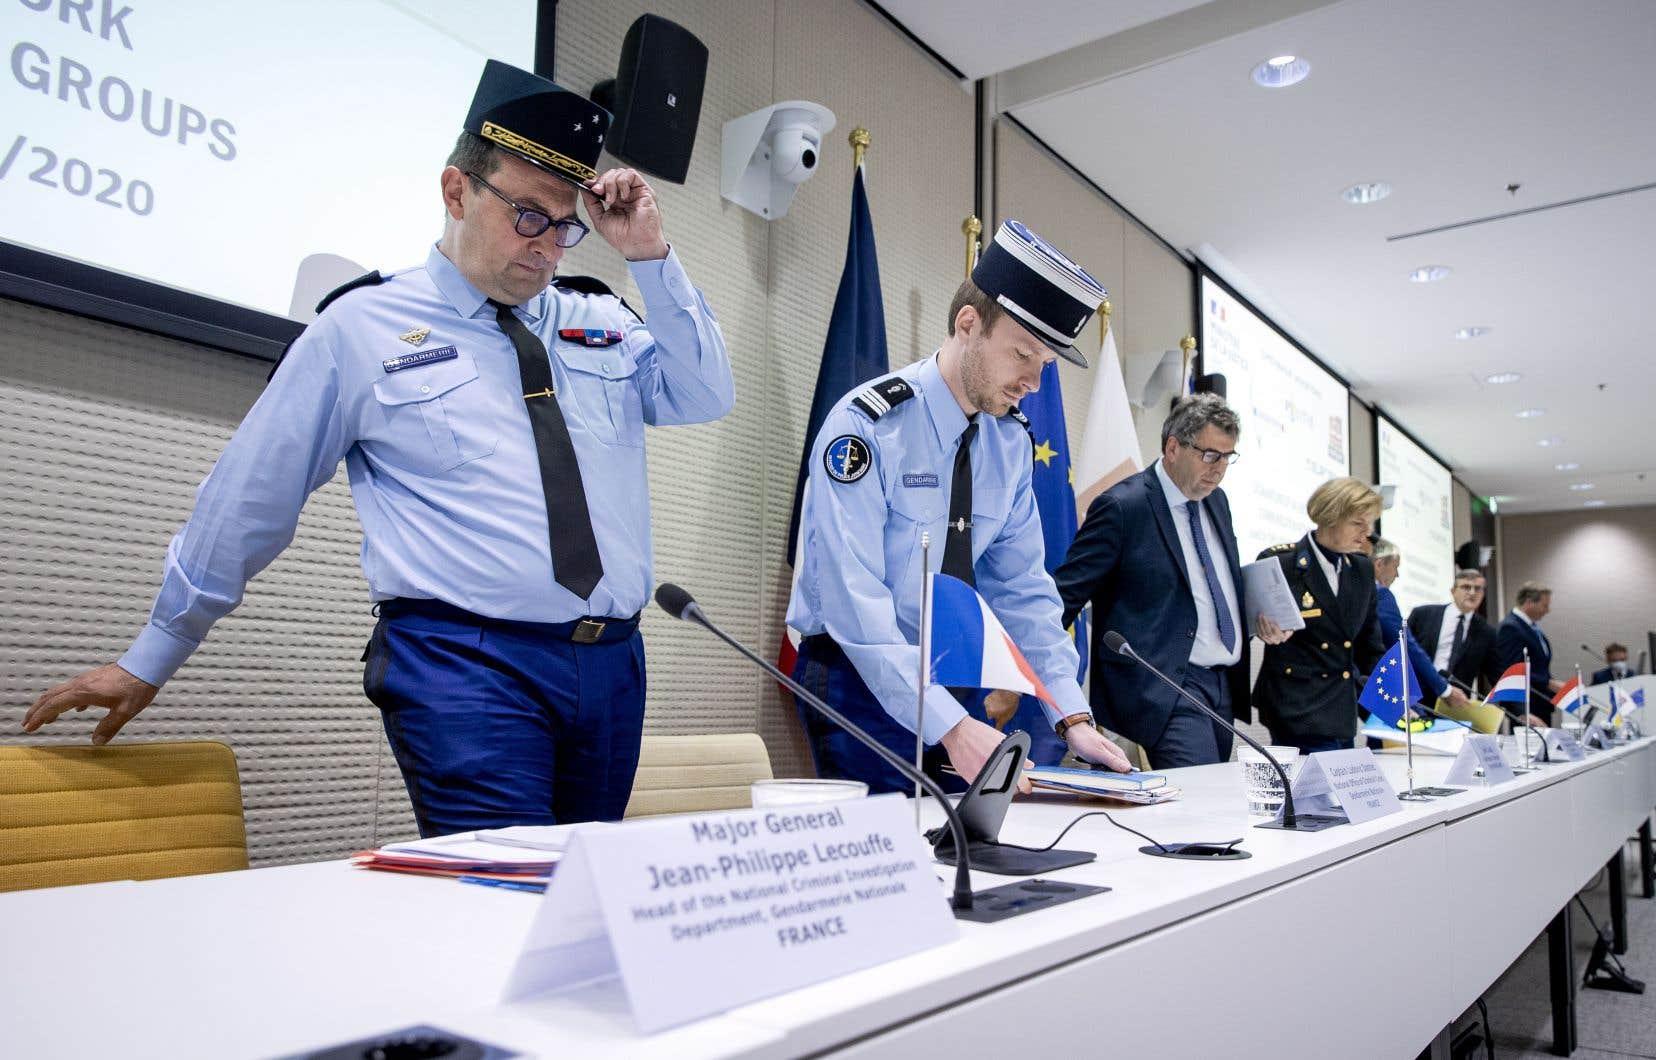 Le sous-directeur de la police judiciaire de la Gendarmerie nationale française Jean-Philippe Lecouffe (à gauche) et le procureur général néerlandais John Lucas (troisième à gauche) participaient notamment à la conférence de presse à La Haye pour annoncer la chute d'EncroChat.